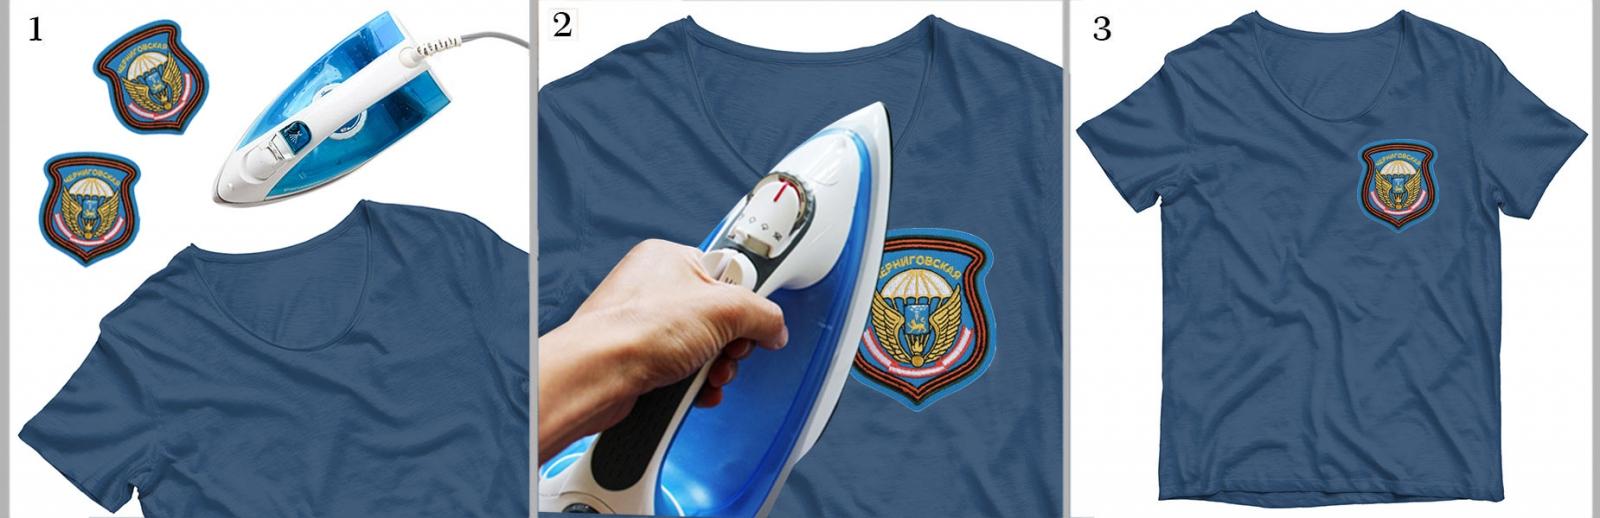 Эмблема-нашивка «76 Черниговская дивизия ВДВ» на футболке